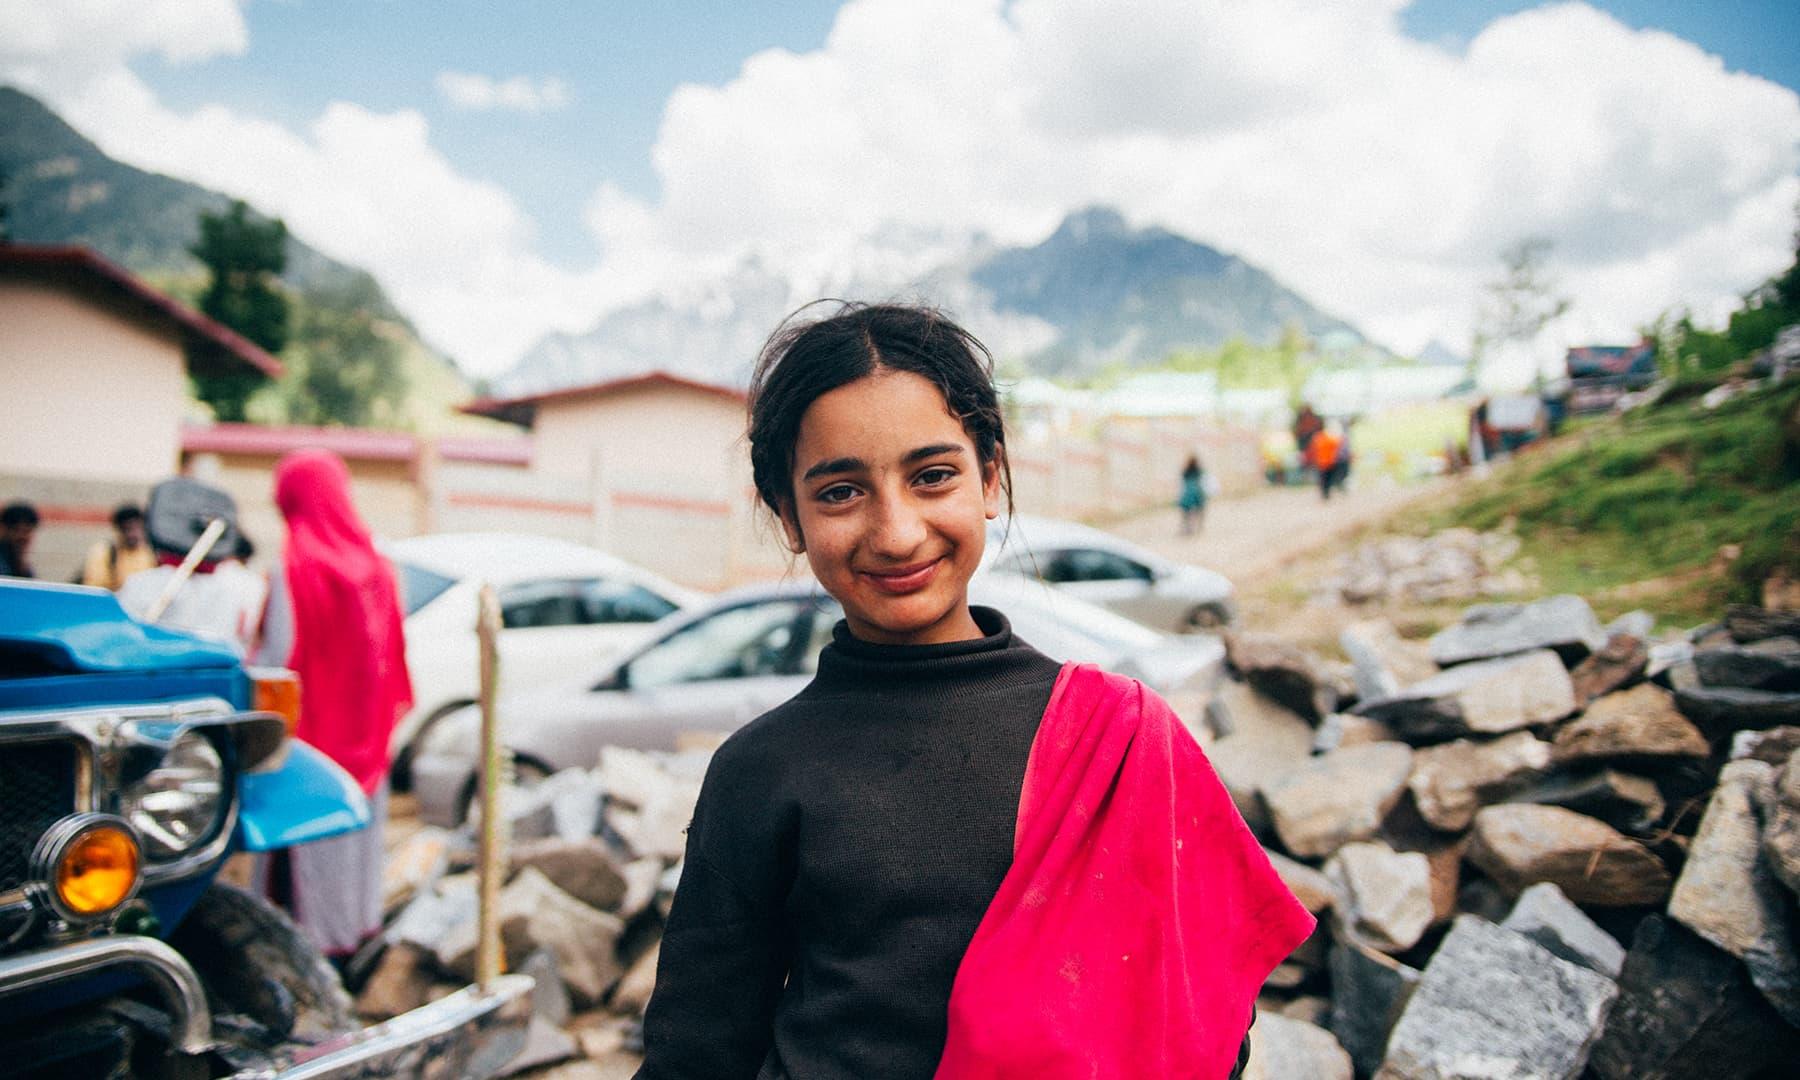 Shaista, a grade-5 student at Kel. —Marvi Soomro